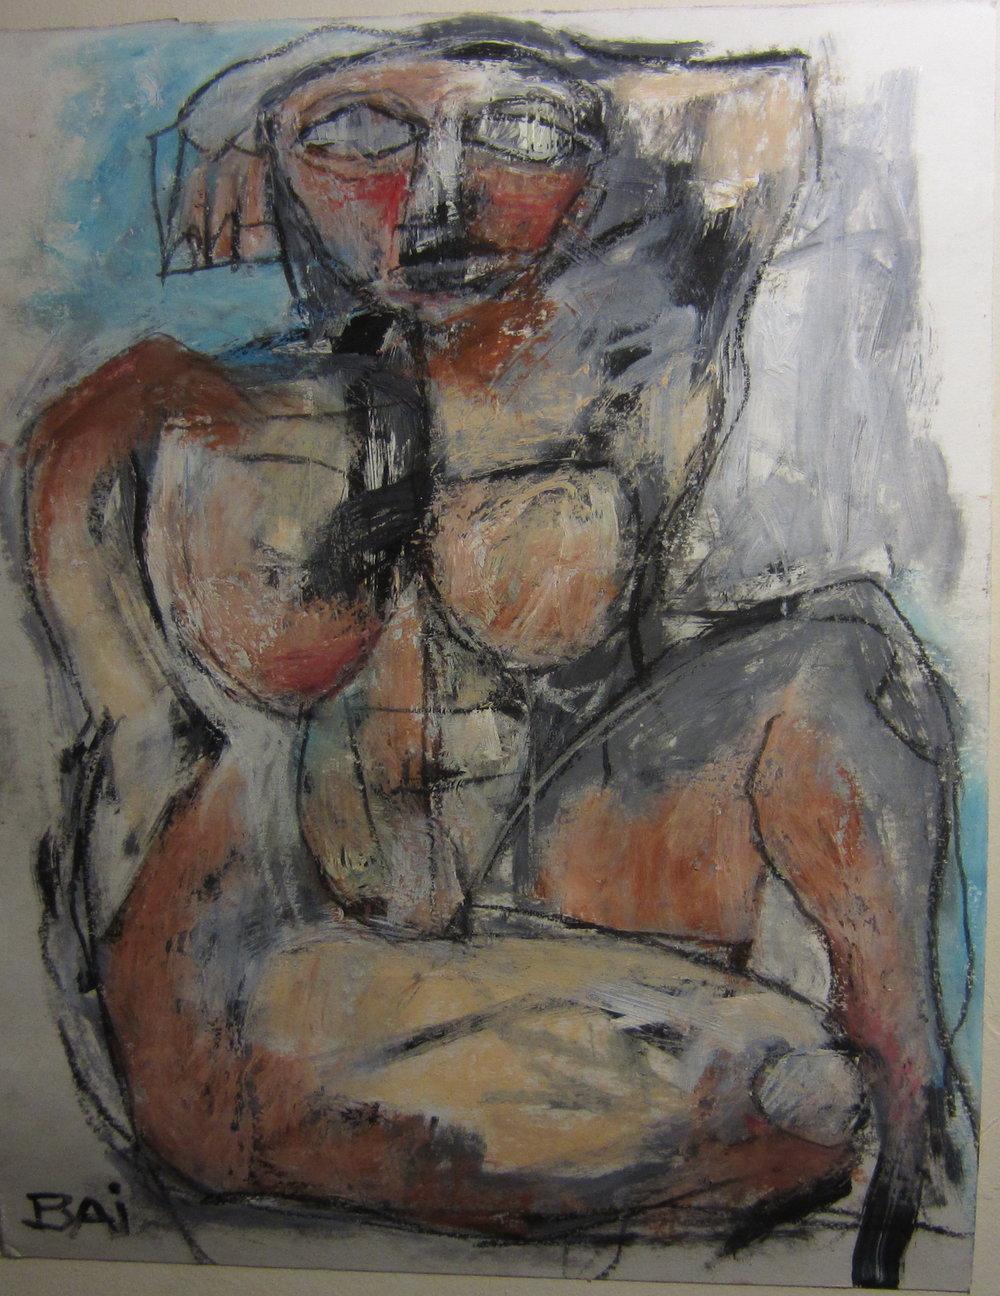 XCKB 06 Untitled Nude 2 14 x 11.jpg